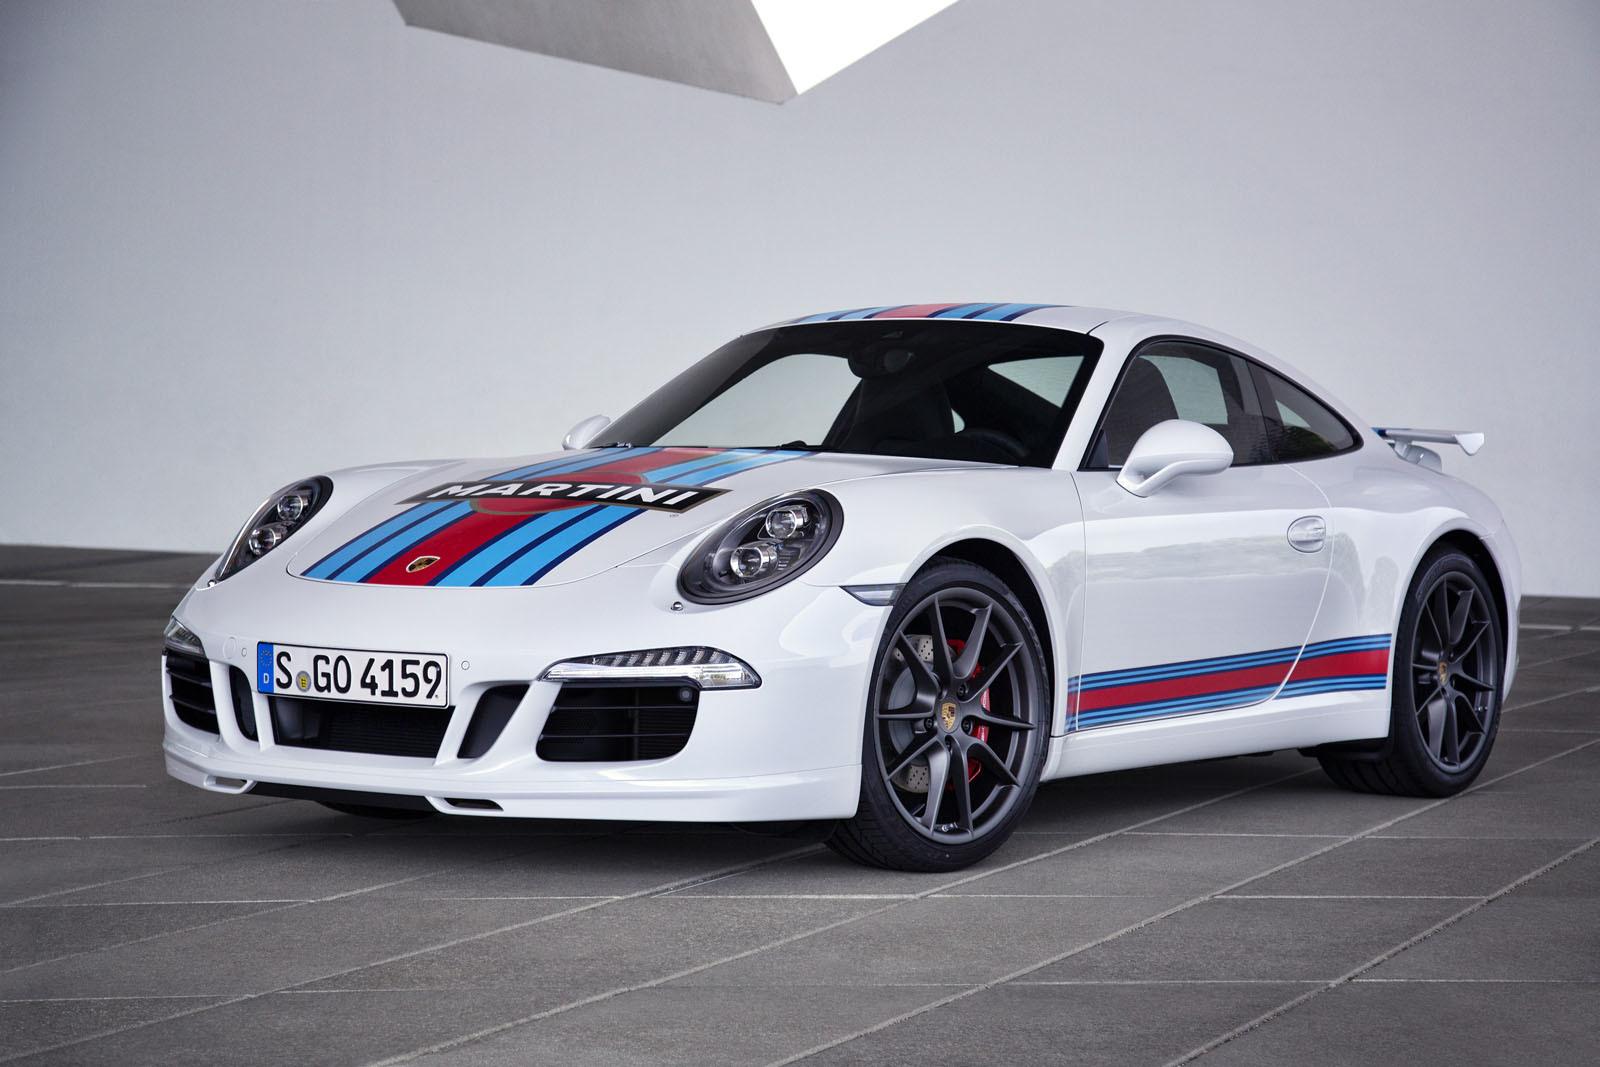 Porsche Carrera S Martini Racing Edition 2014 01